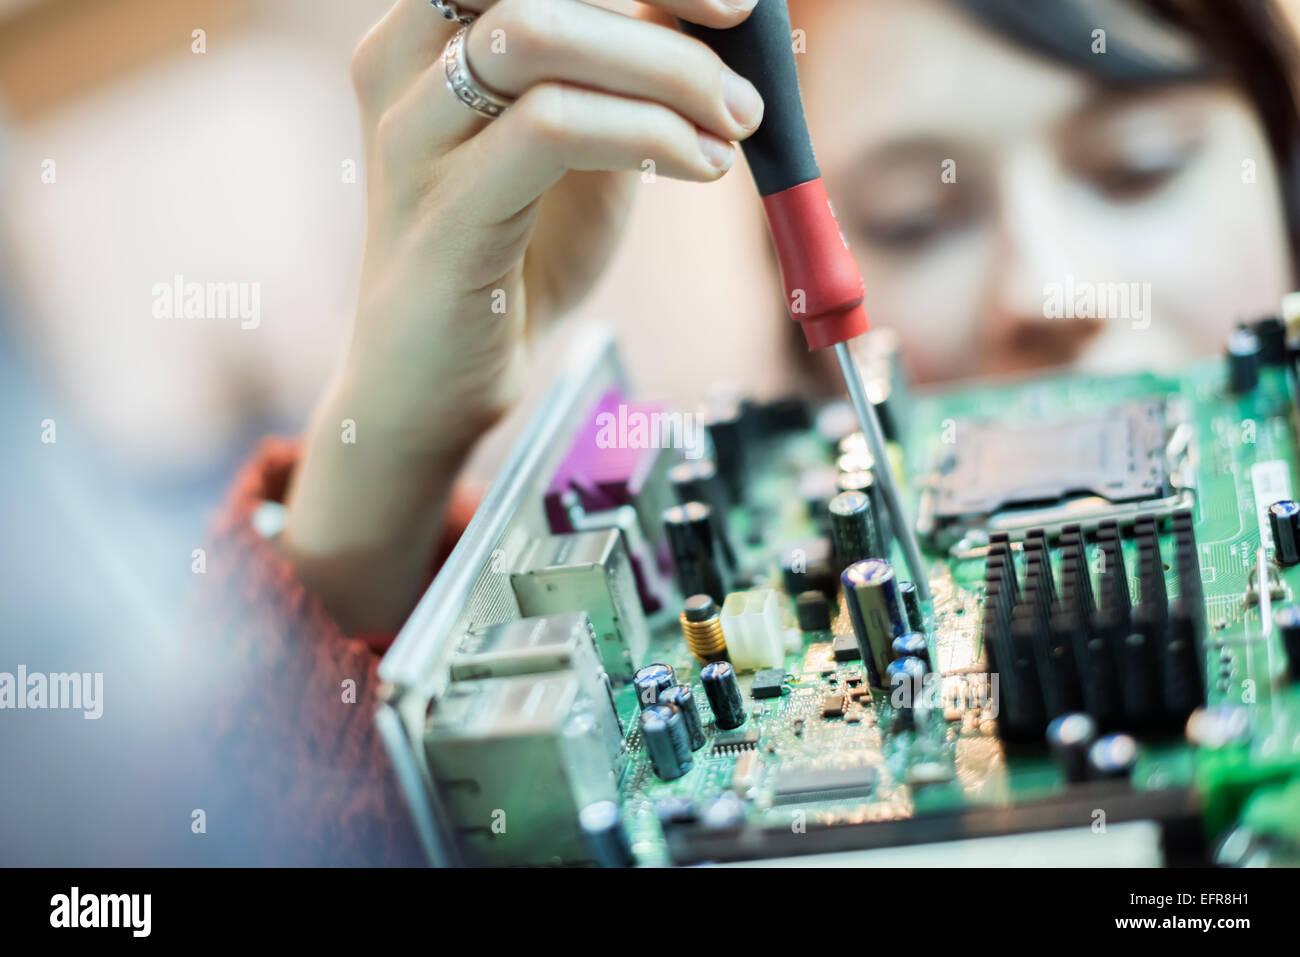 Une femme à l'aide d'un tournevis électronique sur un ordinateur circuitboard. Photo Stock